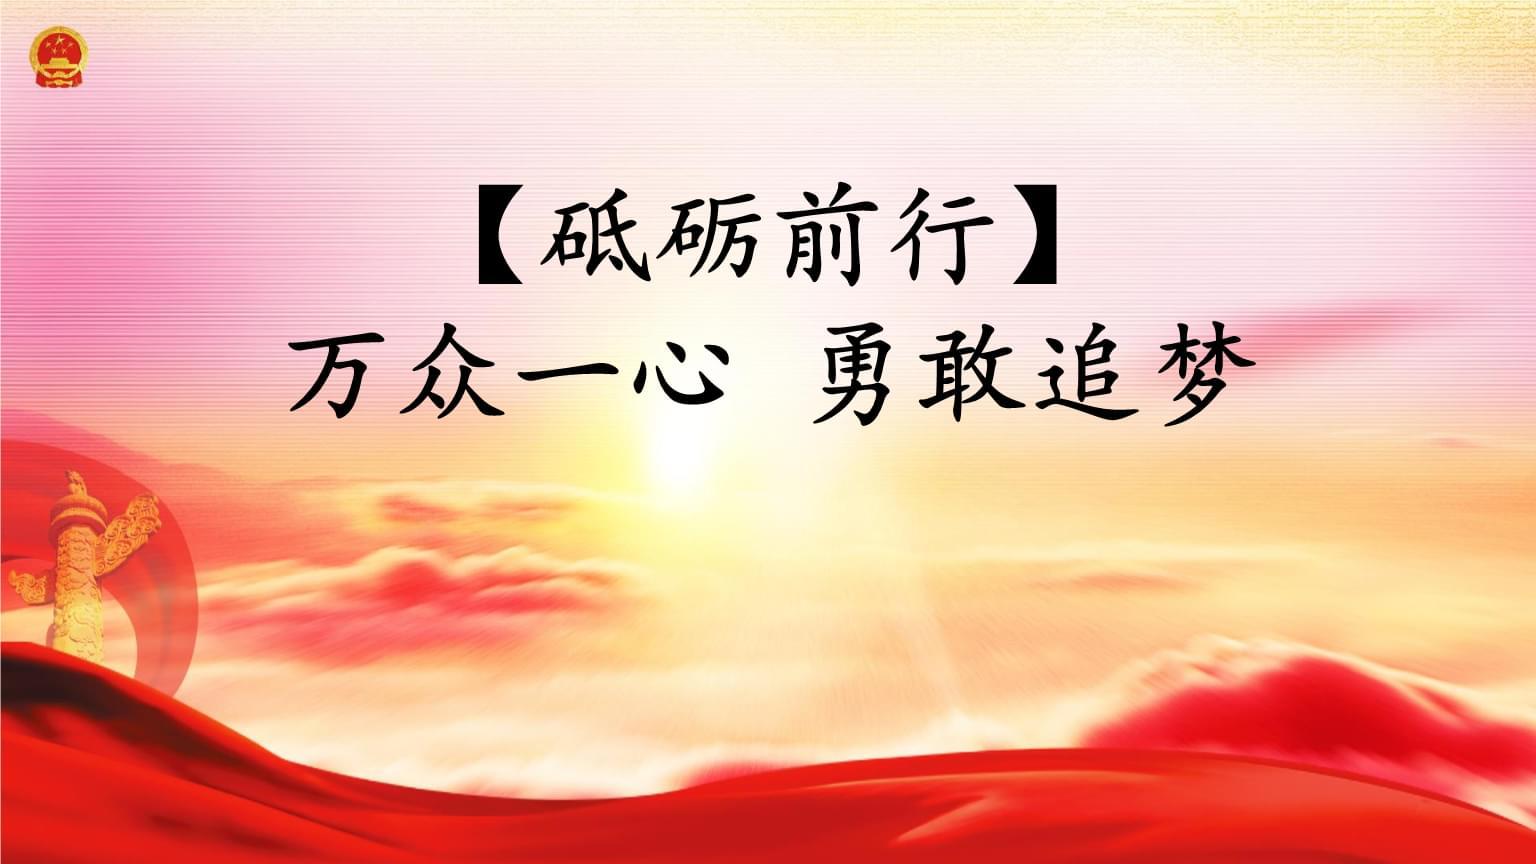 红色简洁建军92周年八一建军节主题班会党建党课课件模板.pptx